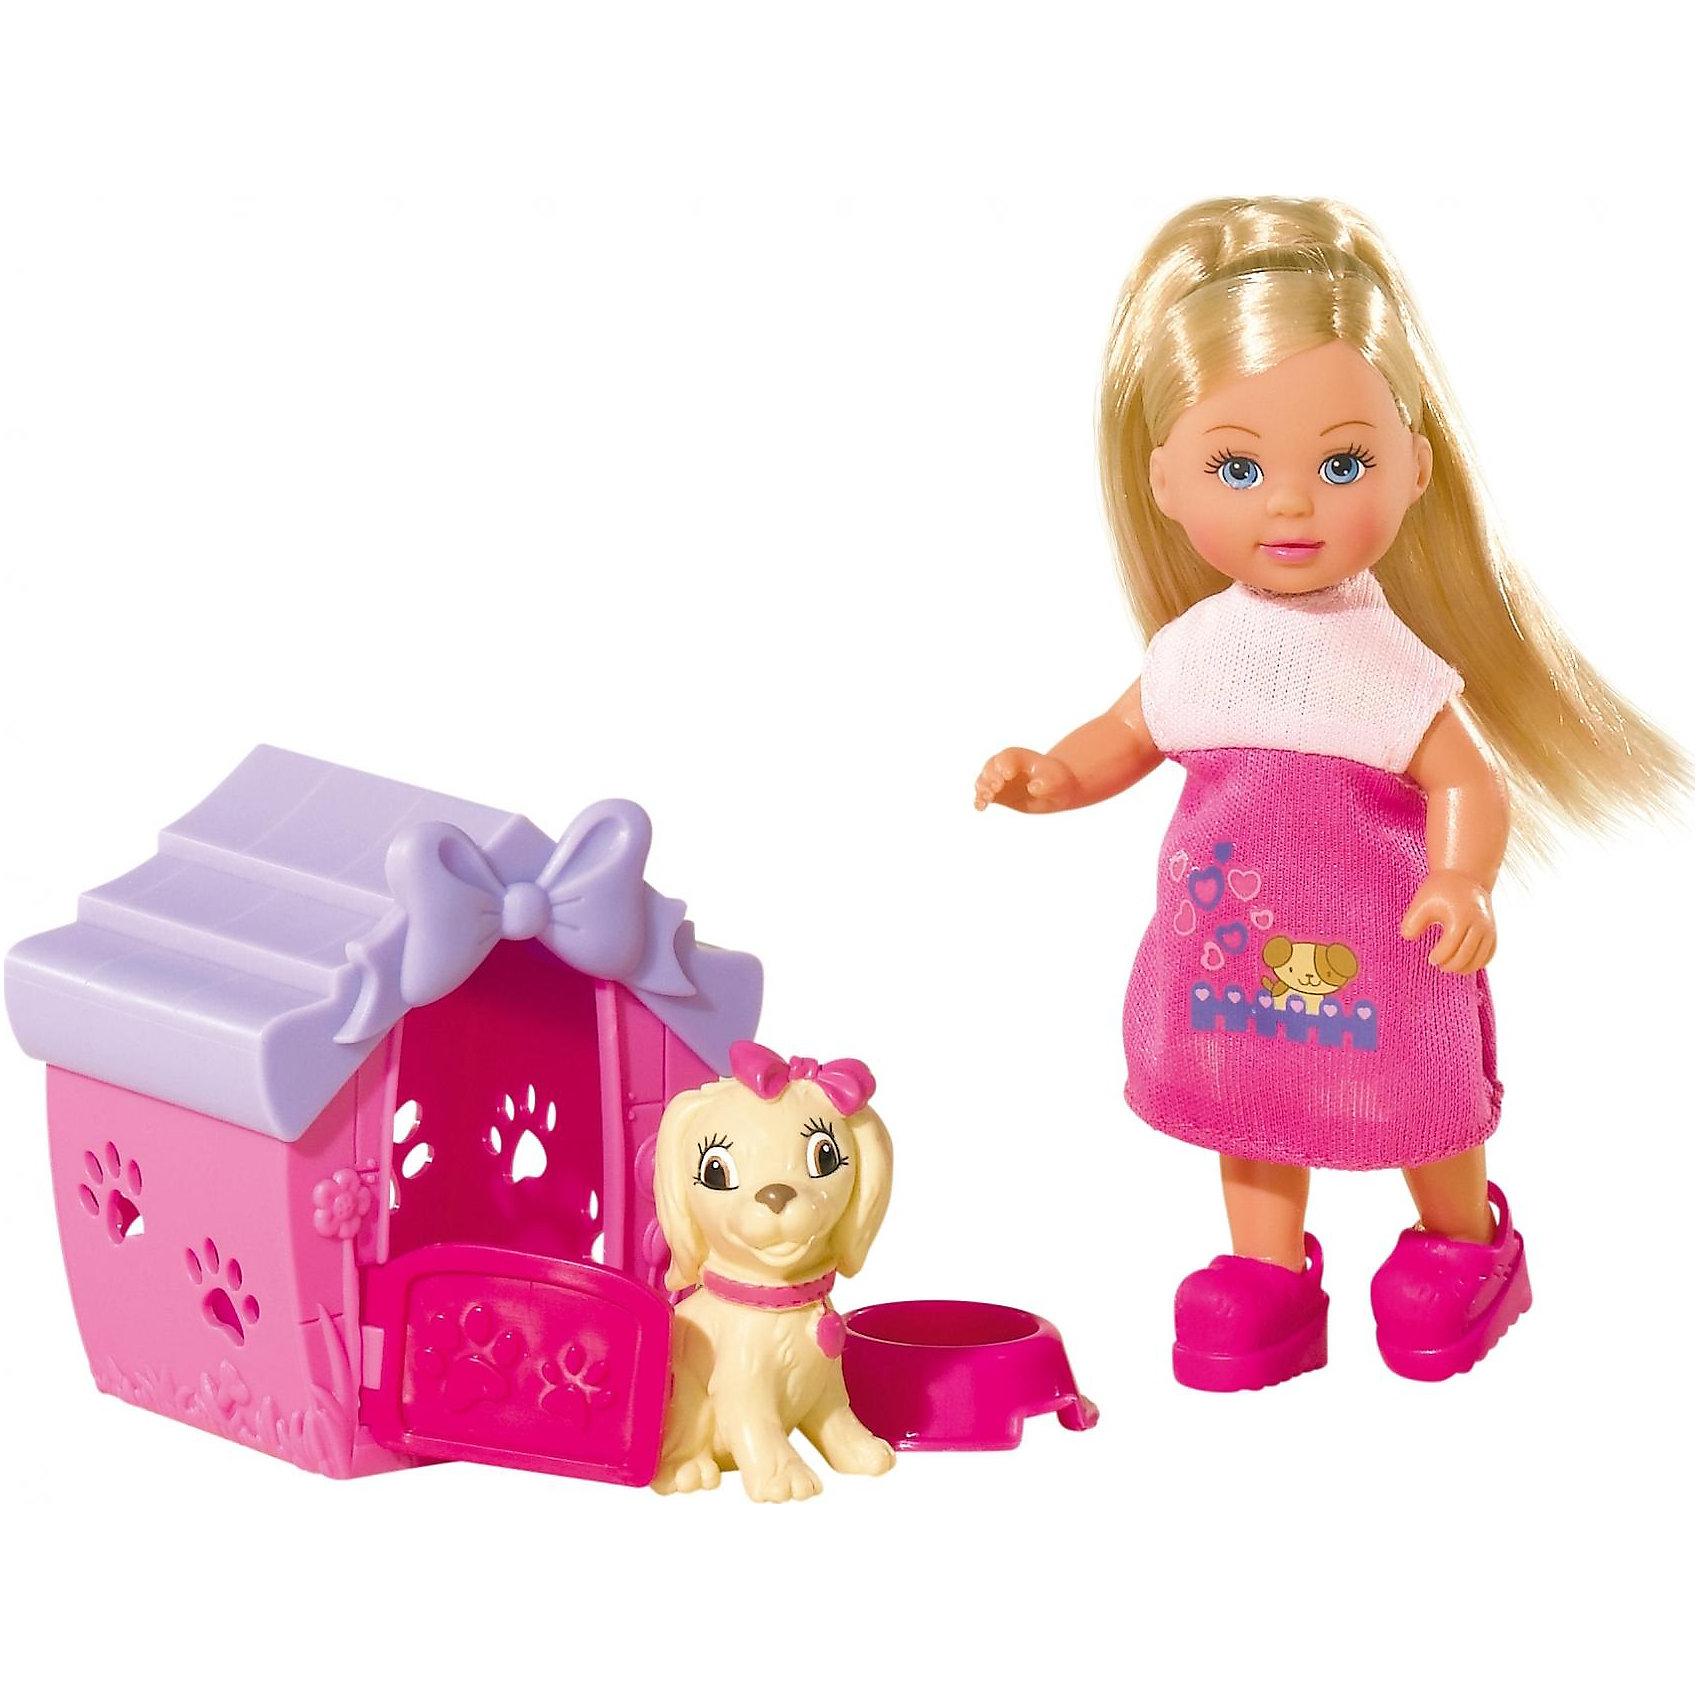 Simba Кукла Еви с собачкой в домике, 12 см, Simba куклы и одежда для кукол simba кукла еви со стильной собачкой 12 cм